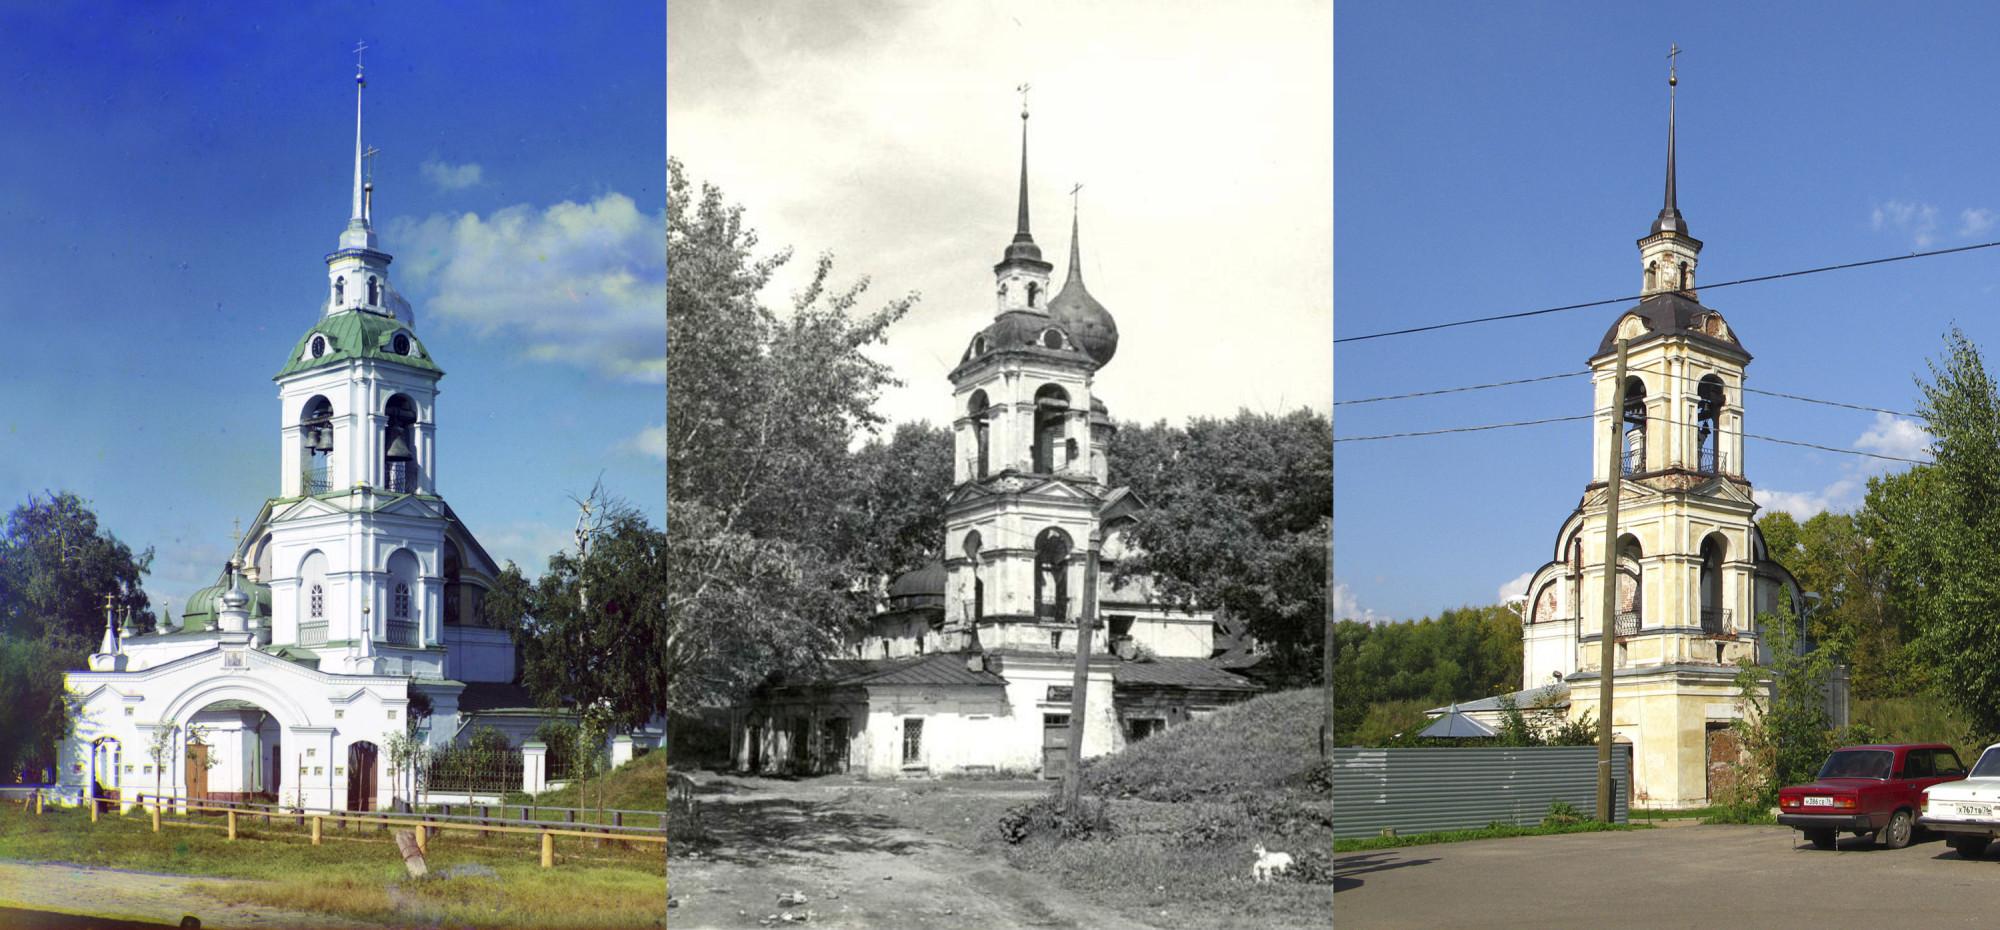 Ростов. Церковь Исидора Блаженного (Вознесения) 1911-1953-2011